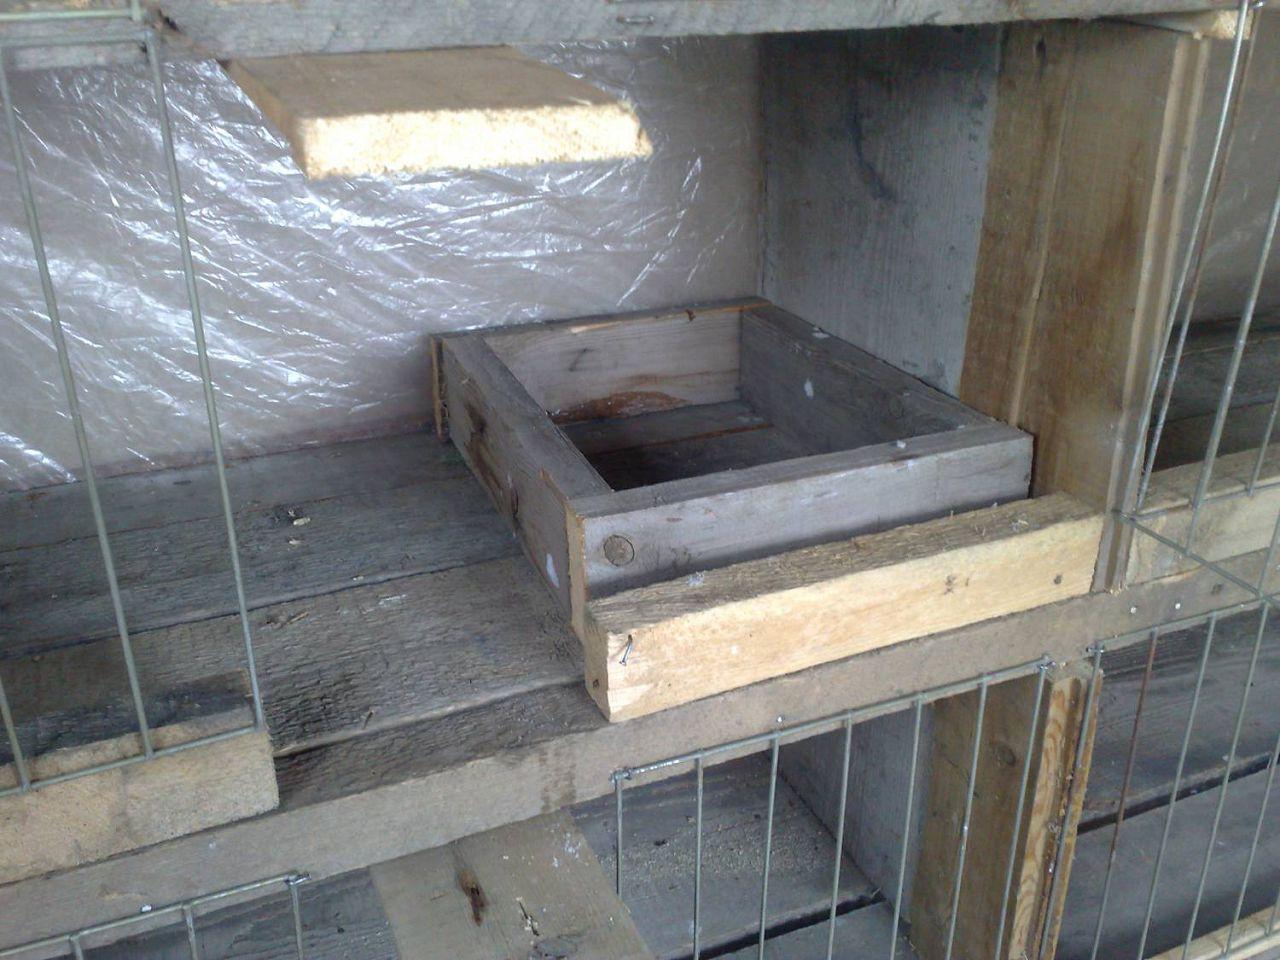 Гнездо в виде деревянного ящика встречается чаще всего